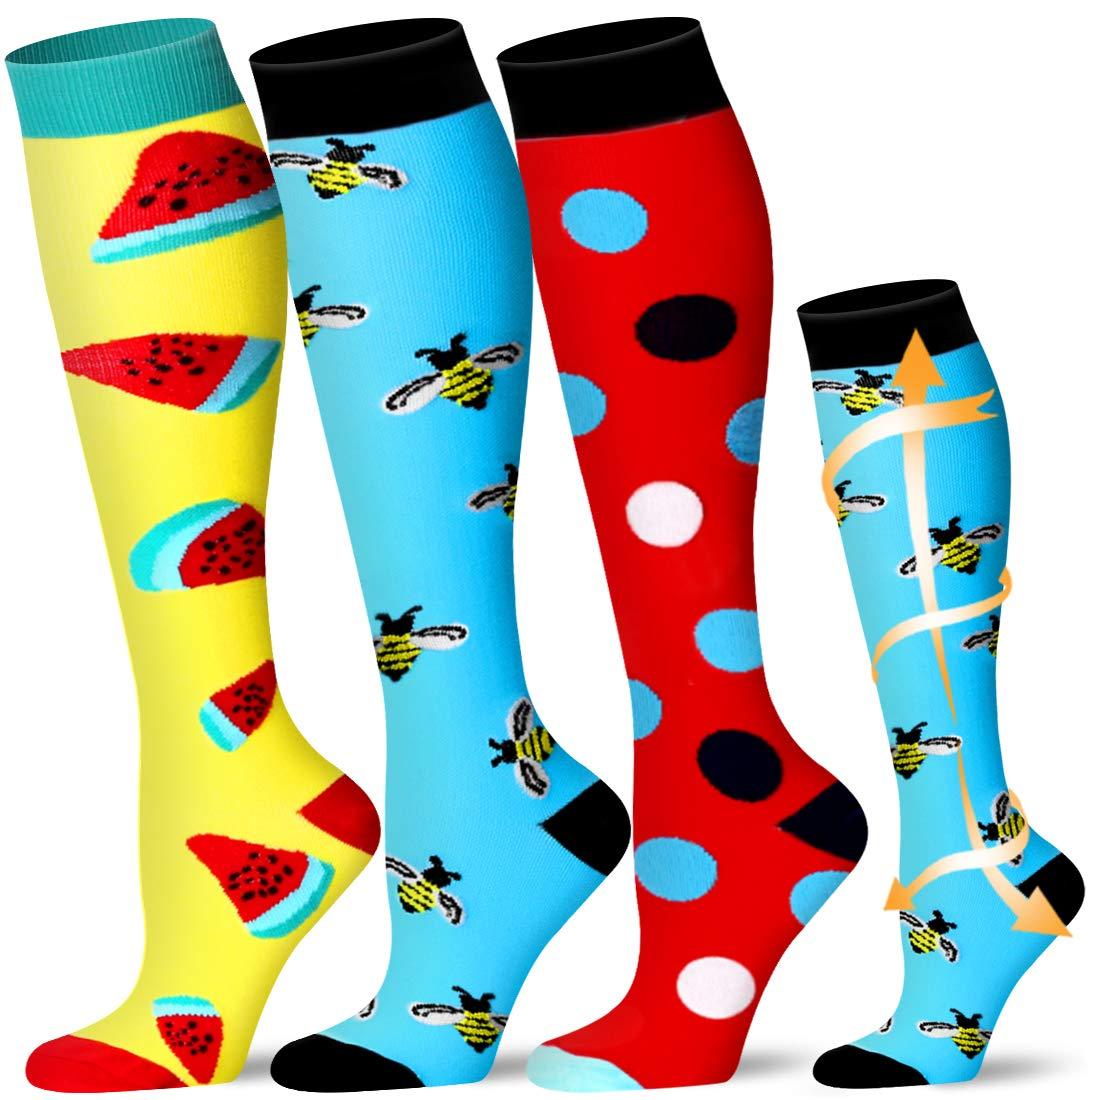 Compression Socks Women & Men - Best for